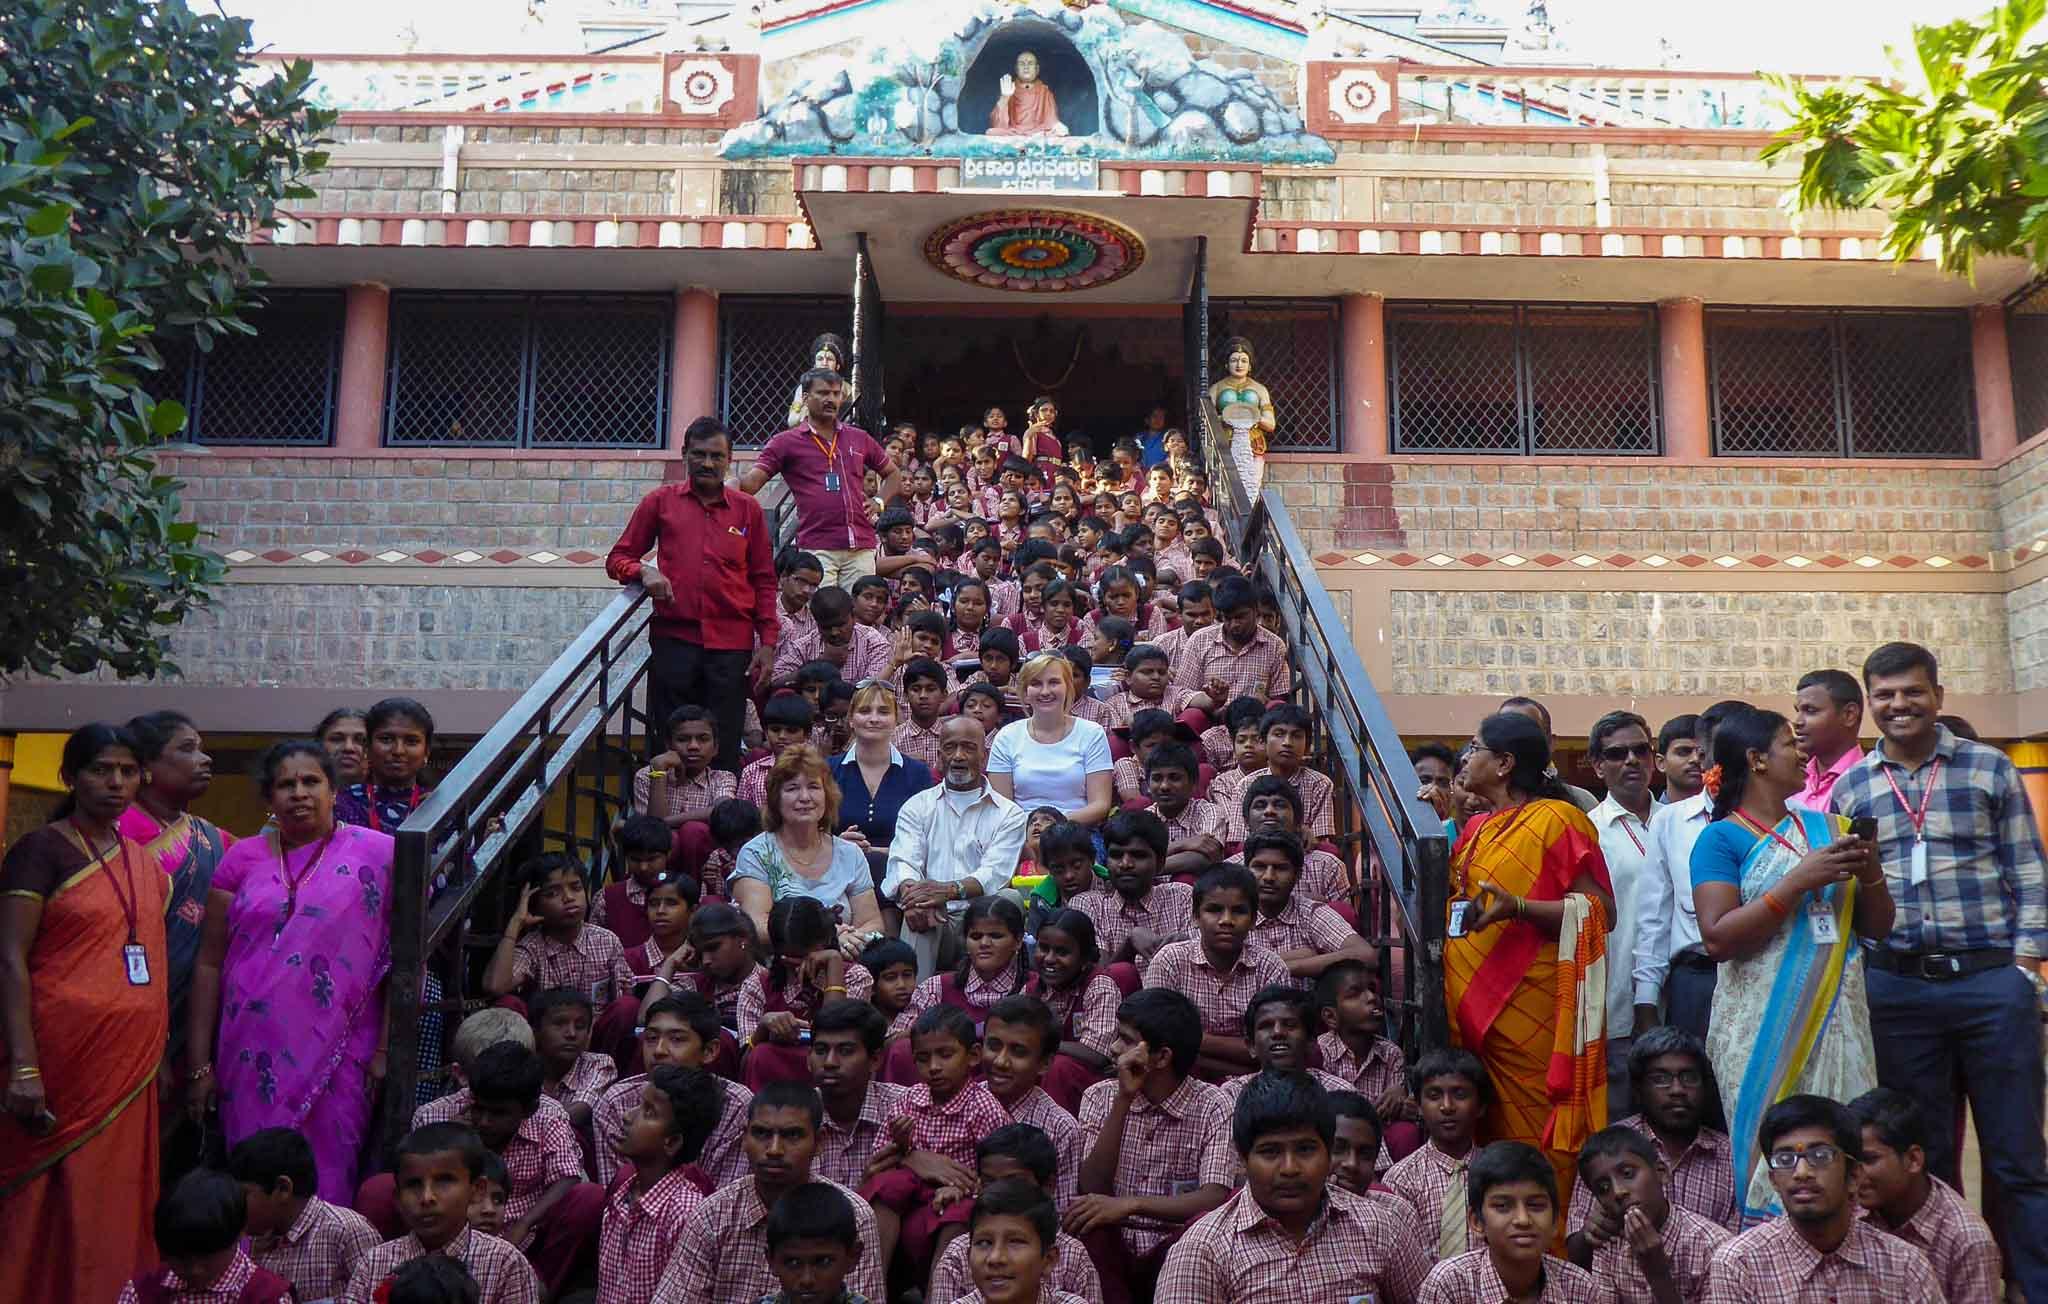 Indien. Viele Menschen sitzen auf einer Treppe vor einem Indischen Gebäude. Alle tragen Schuluniform. In der Mitte der Gruppe sitzen die Geschäftsführerinnen von MITTENDRIN leben e.V. - Internationale Hilfe